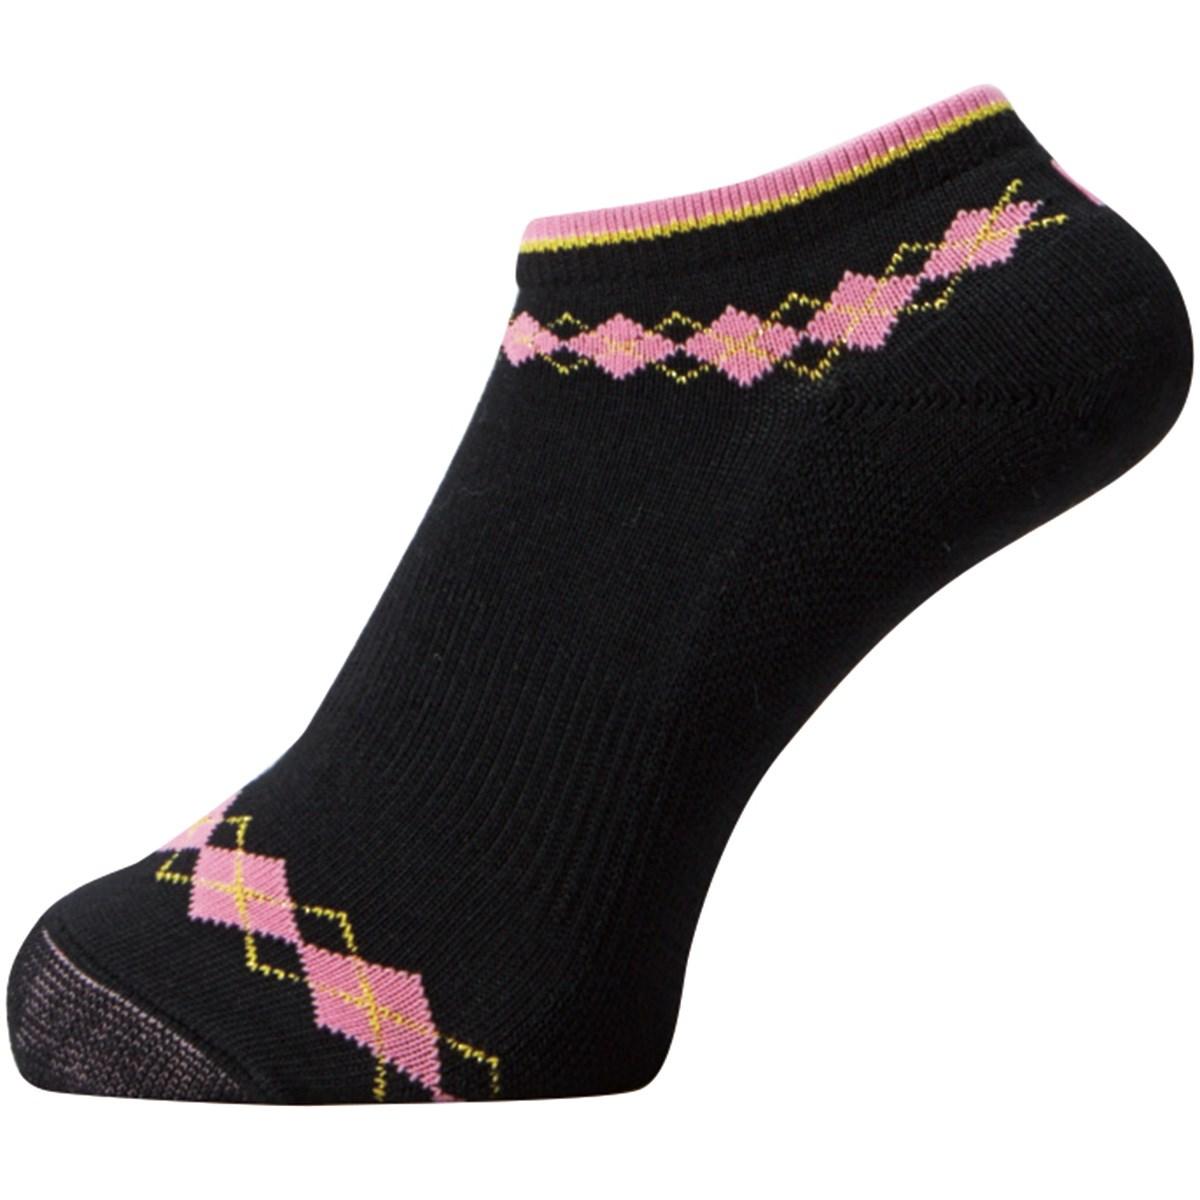 フットジョイ Foot Joy 17 プロドライ ショートソックス フリー ブラック/ピンク レディス